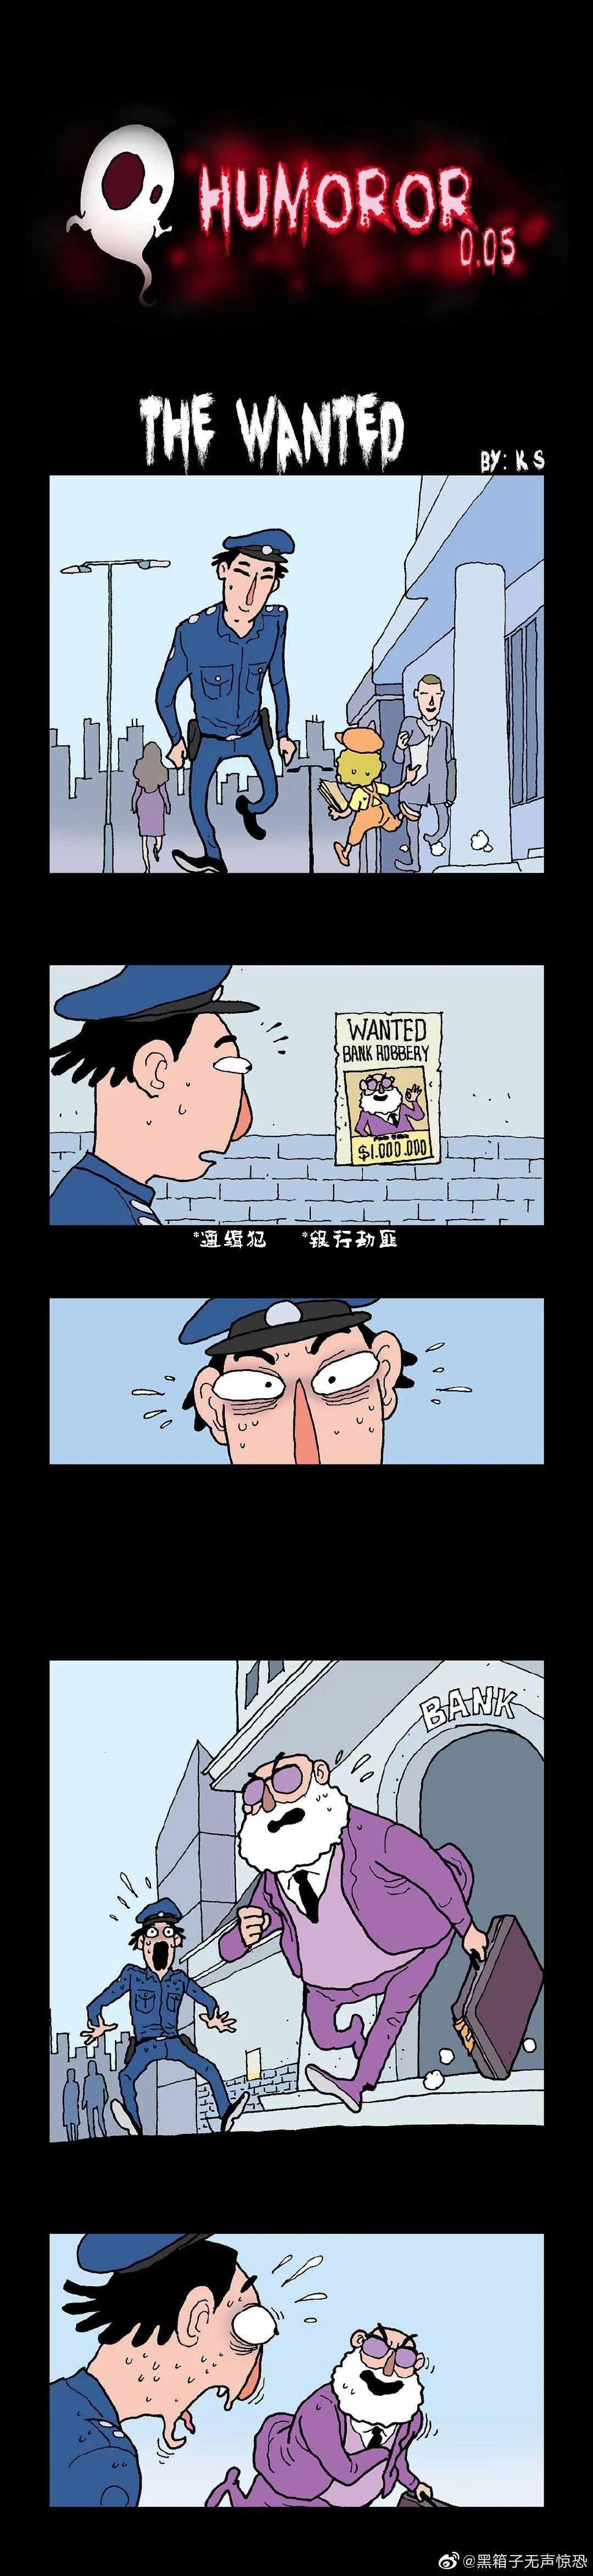 僵尸王漫画:五秒惊悚(通缉犯)